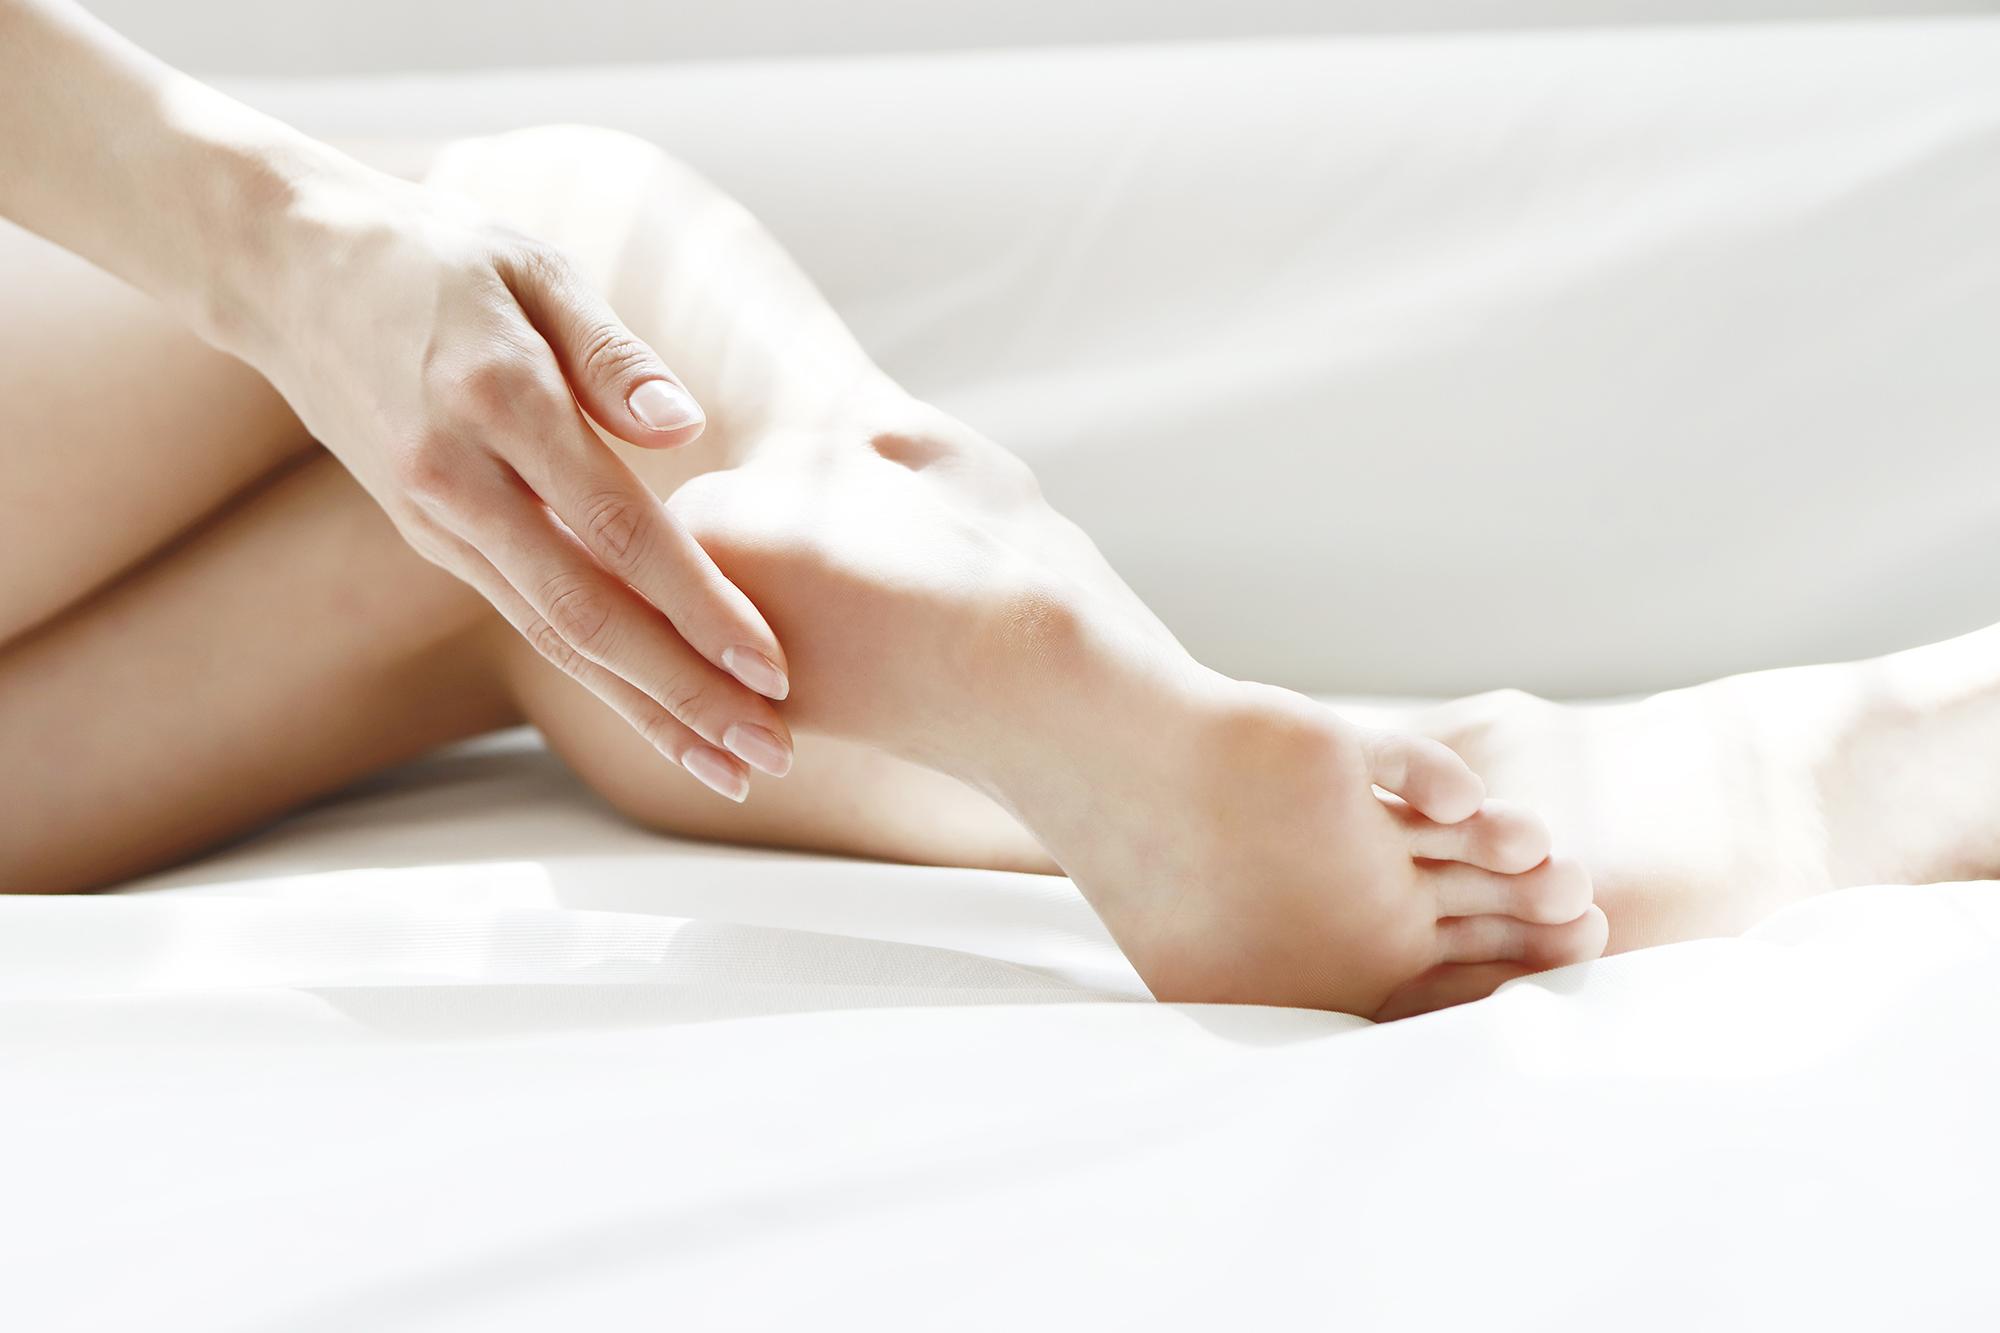 Lasepton® Fuss-Creme löst sanft übermäßige Hornhaut und pflegt trockene Füße